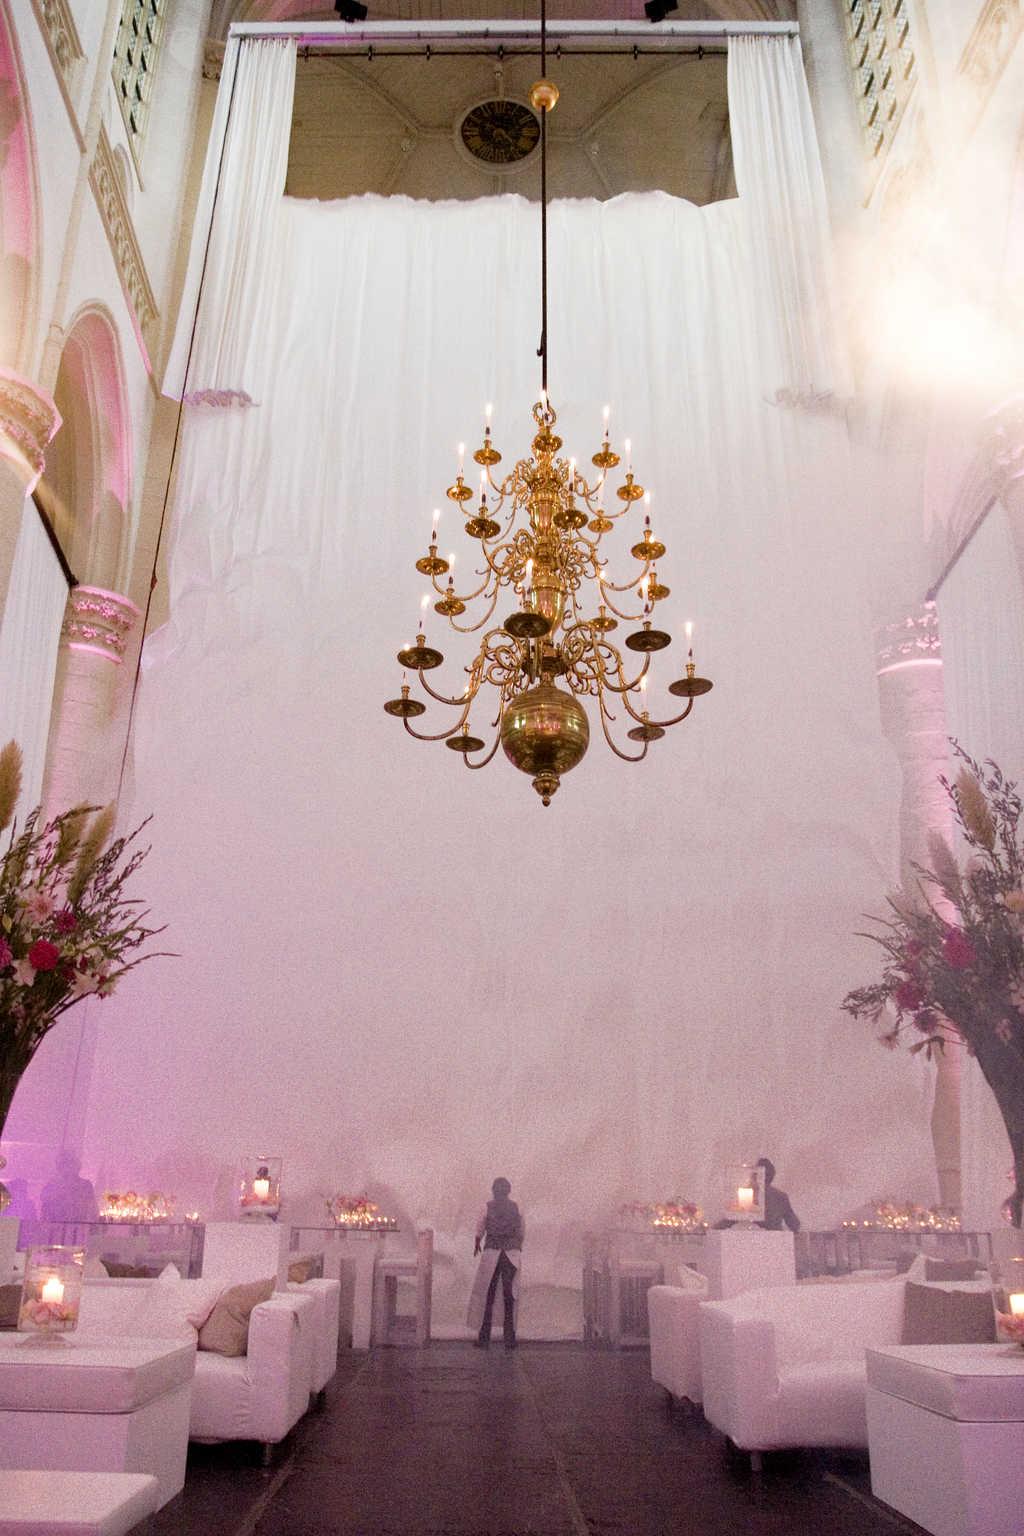 Overgang van ceremonie naar het walking diner, wedding en planning, Weddingplanner, fotocredits Sjouke Dijkstra